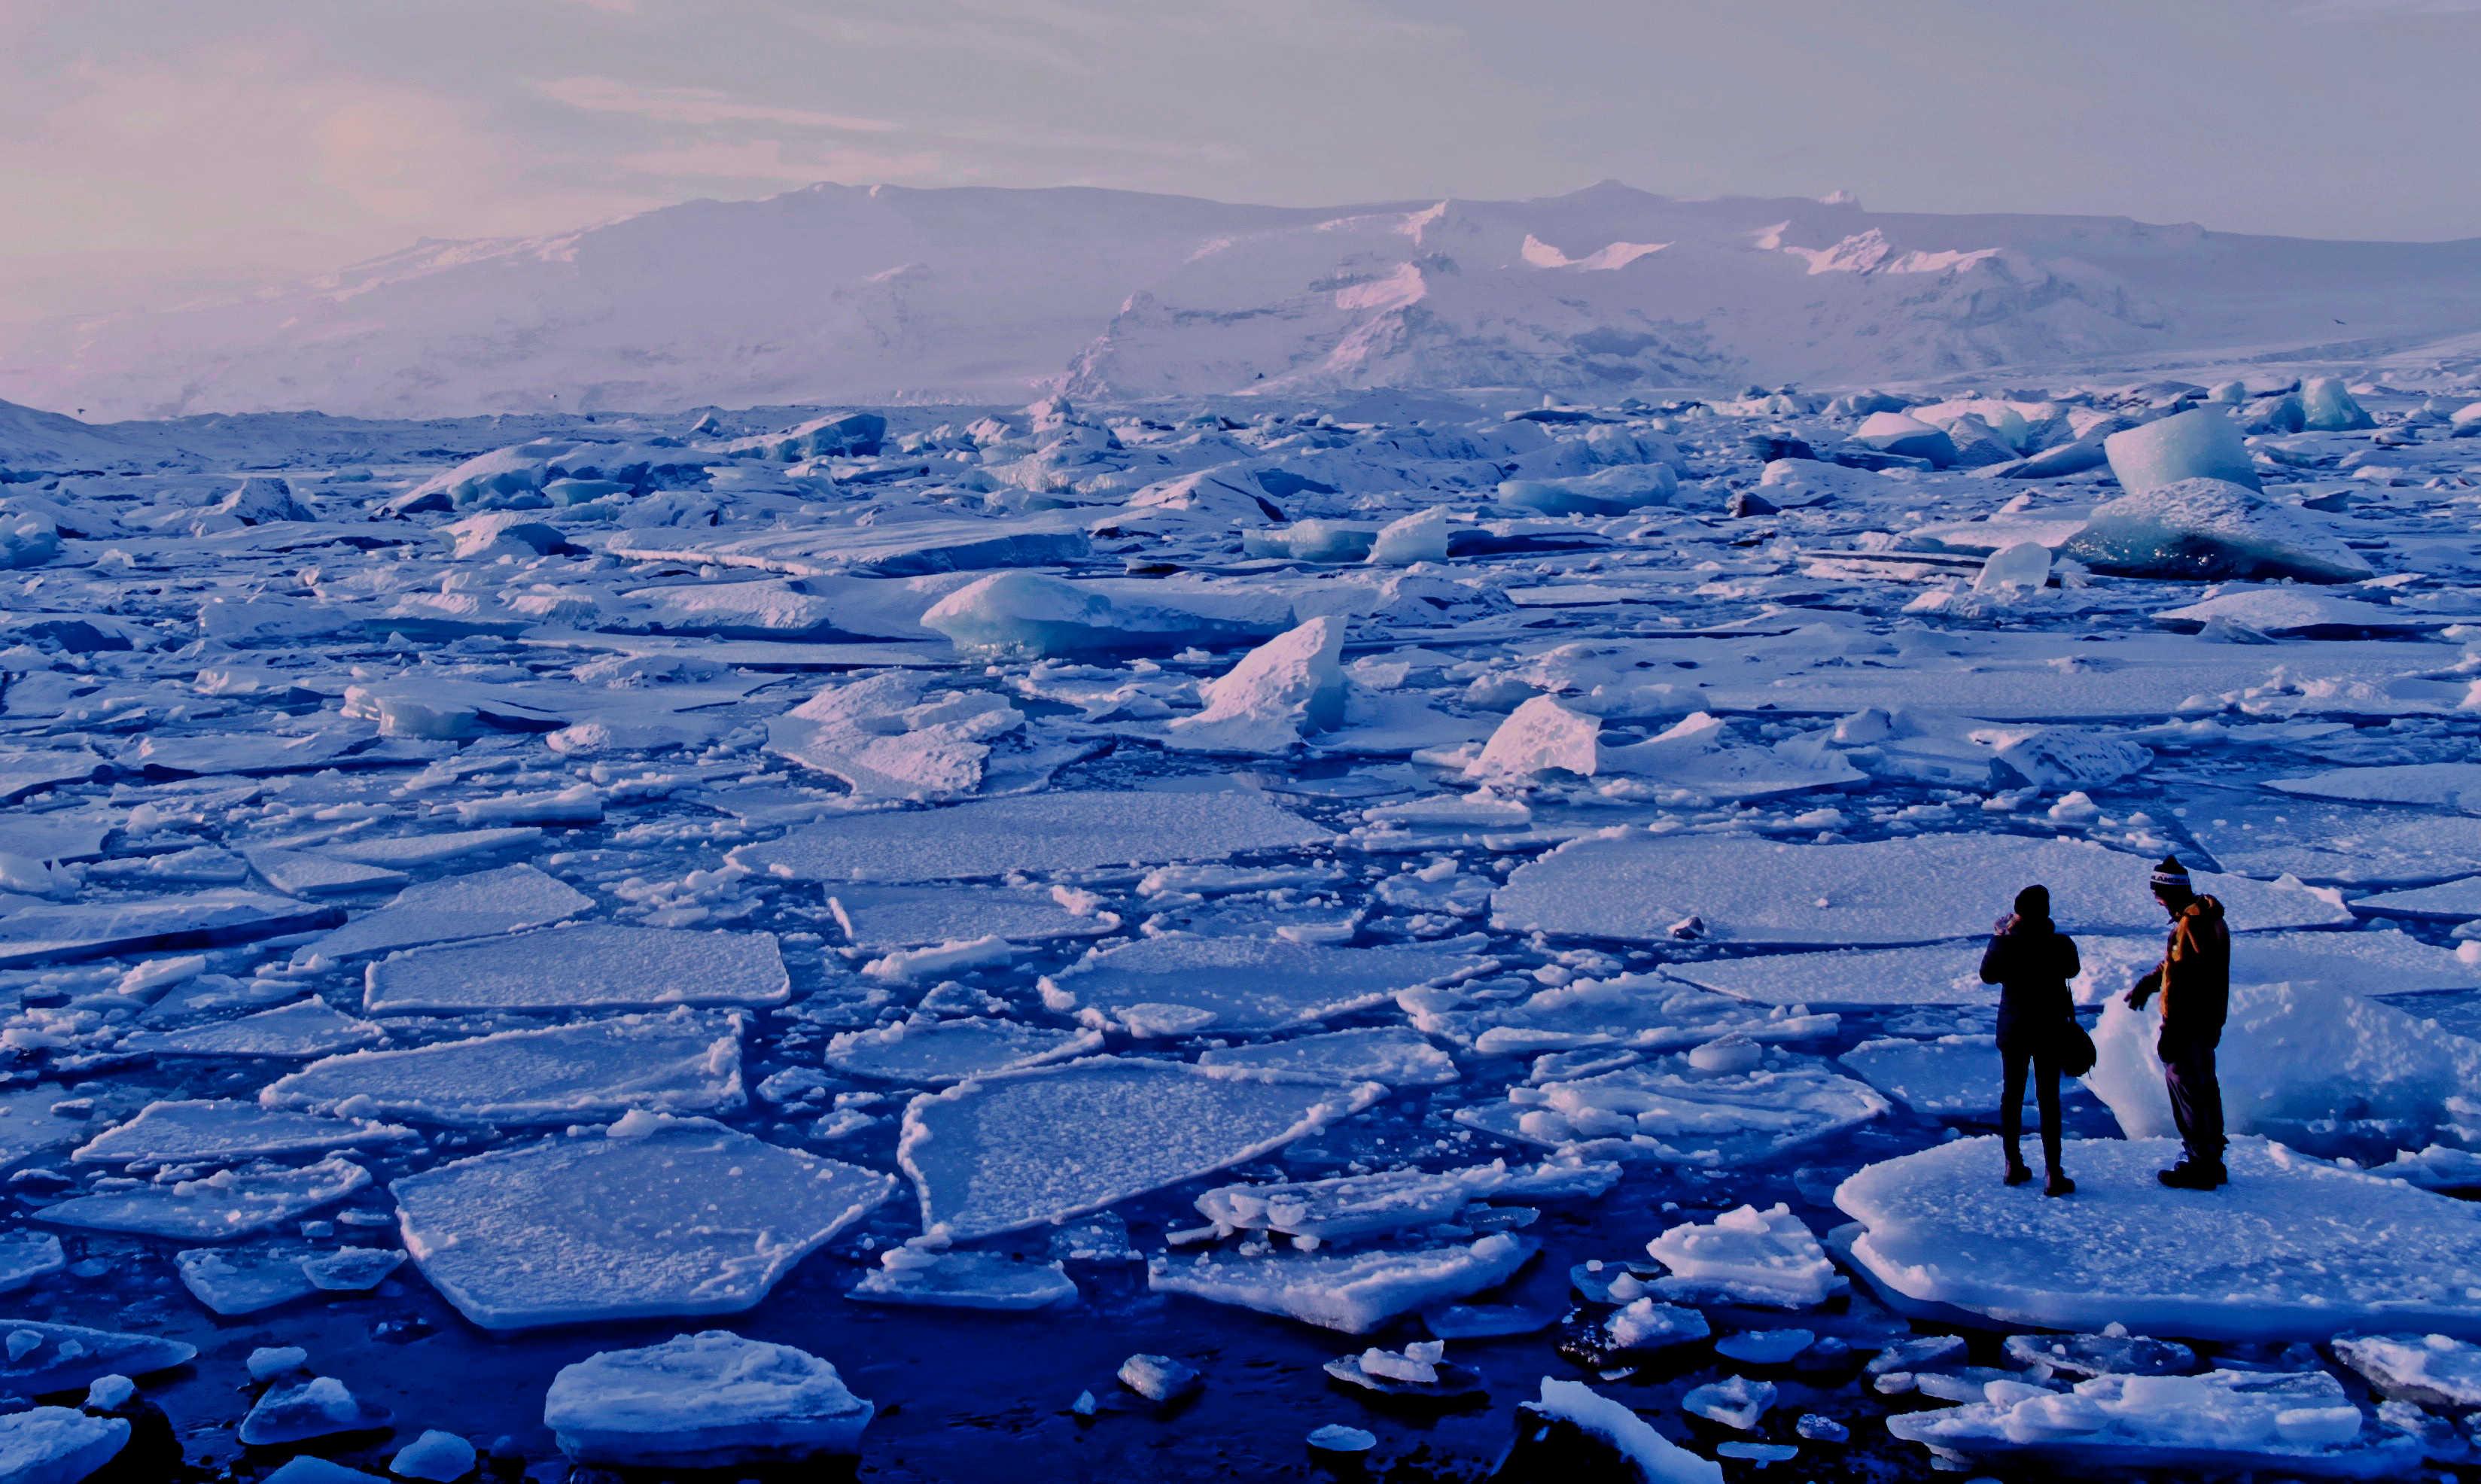 Bruce Packard » ice field